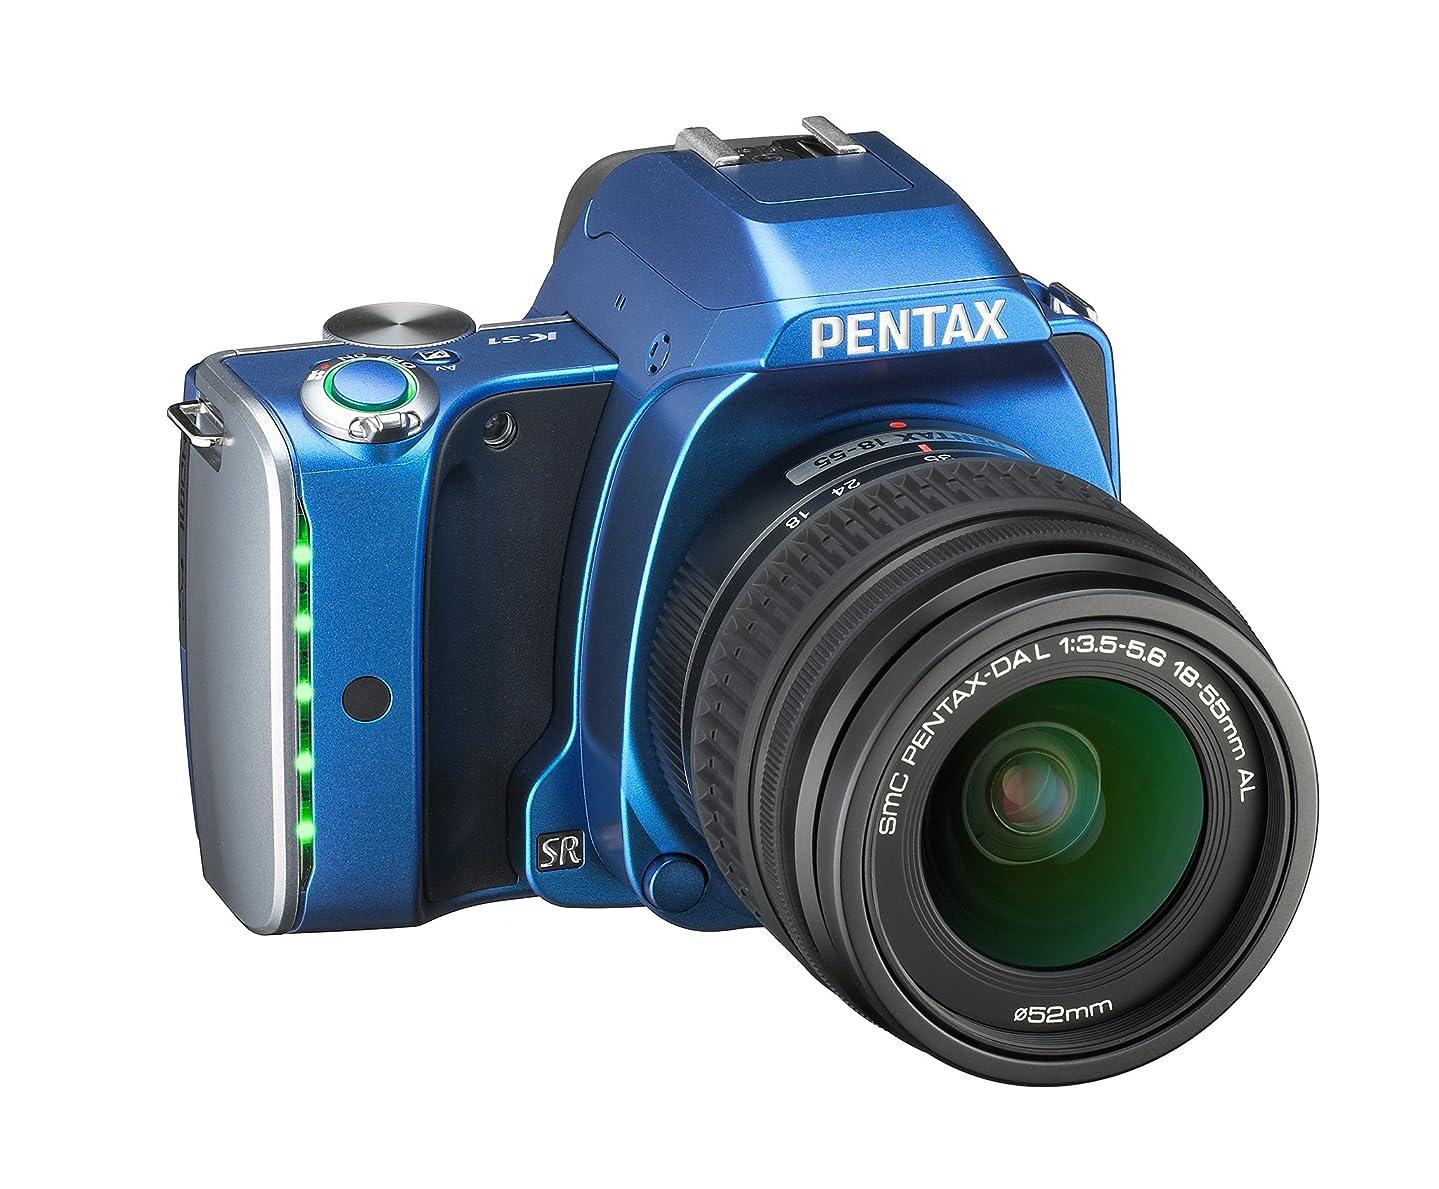 加害者実際に本体RICOH デジタル一眼レフ PENTAX K-S1 レンズキット [DAL18-55mm] ブルー PENTAX K-S1 LENSKIT BLUE 06495